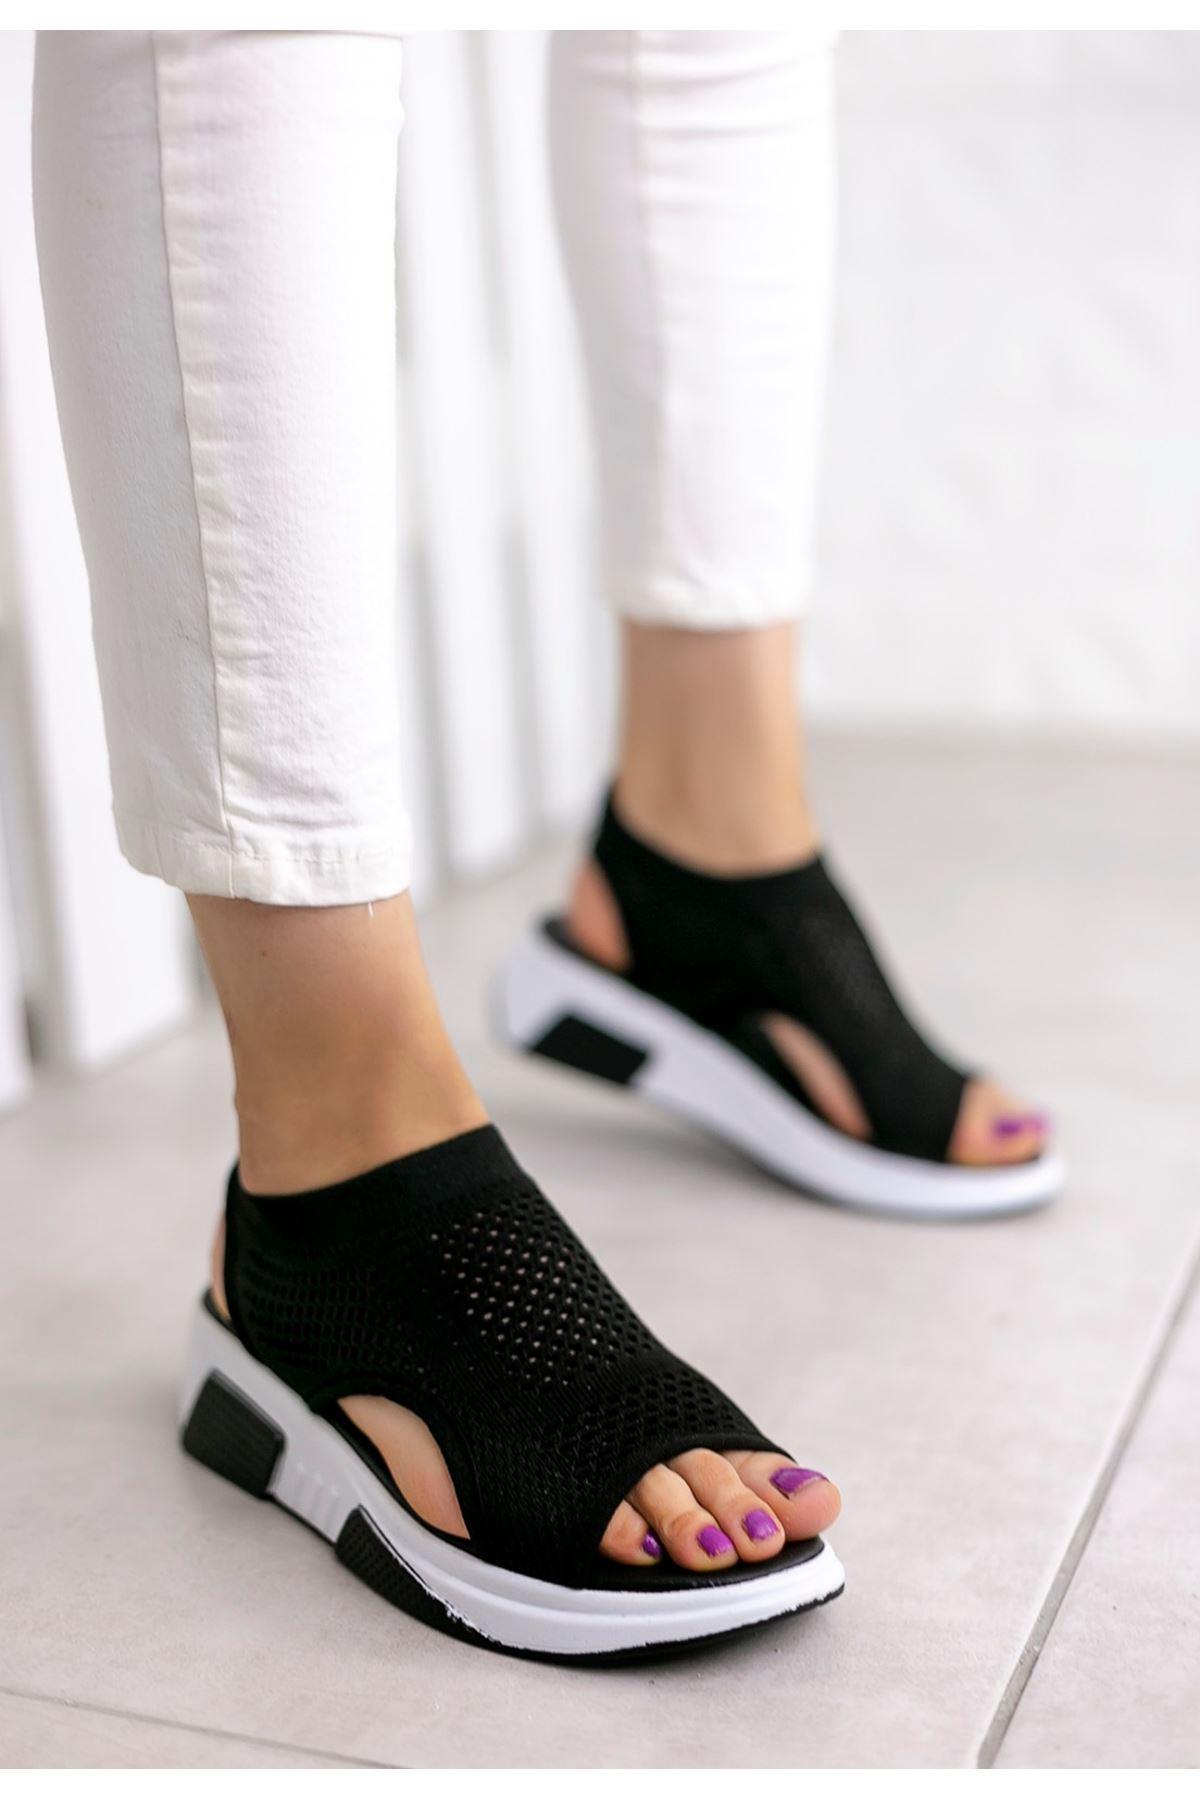 Ashley Çelik Örgü Triko Sandalet Siyah